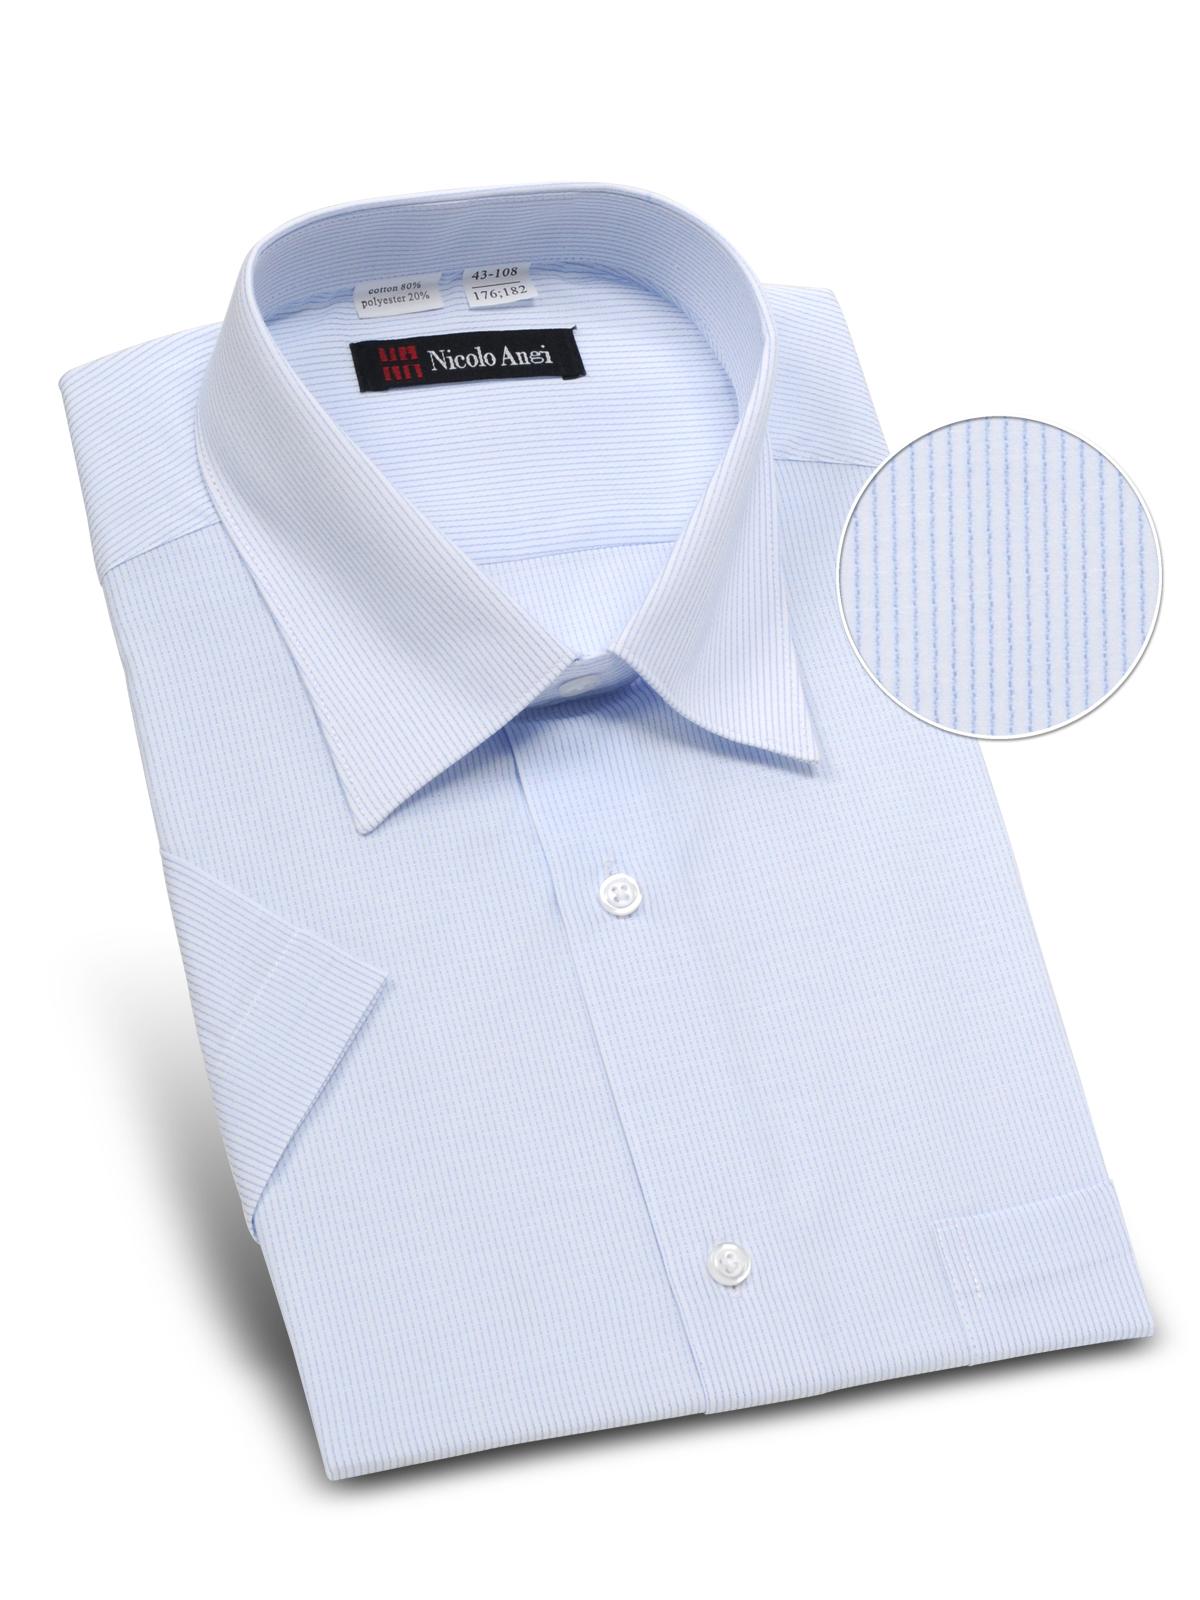 Рубашка мужская iv60700 стоимость